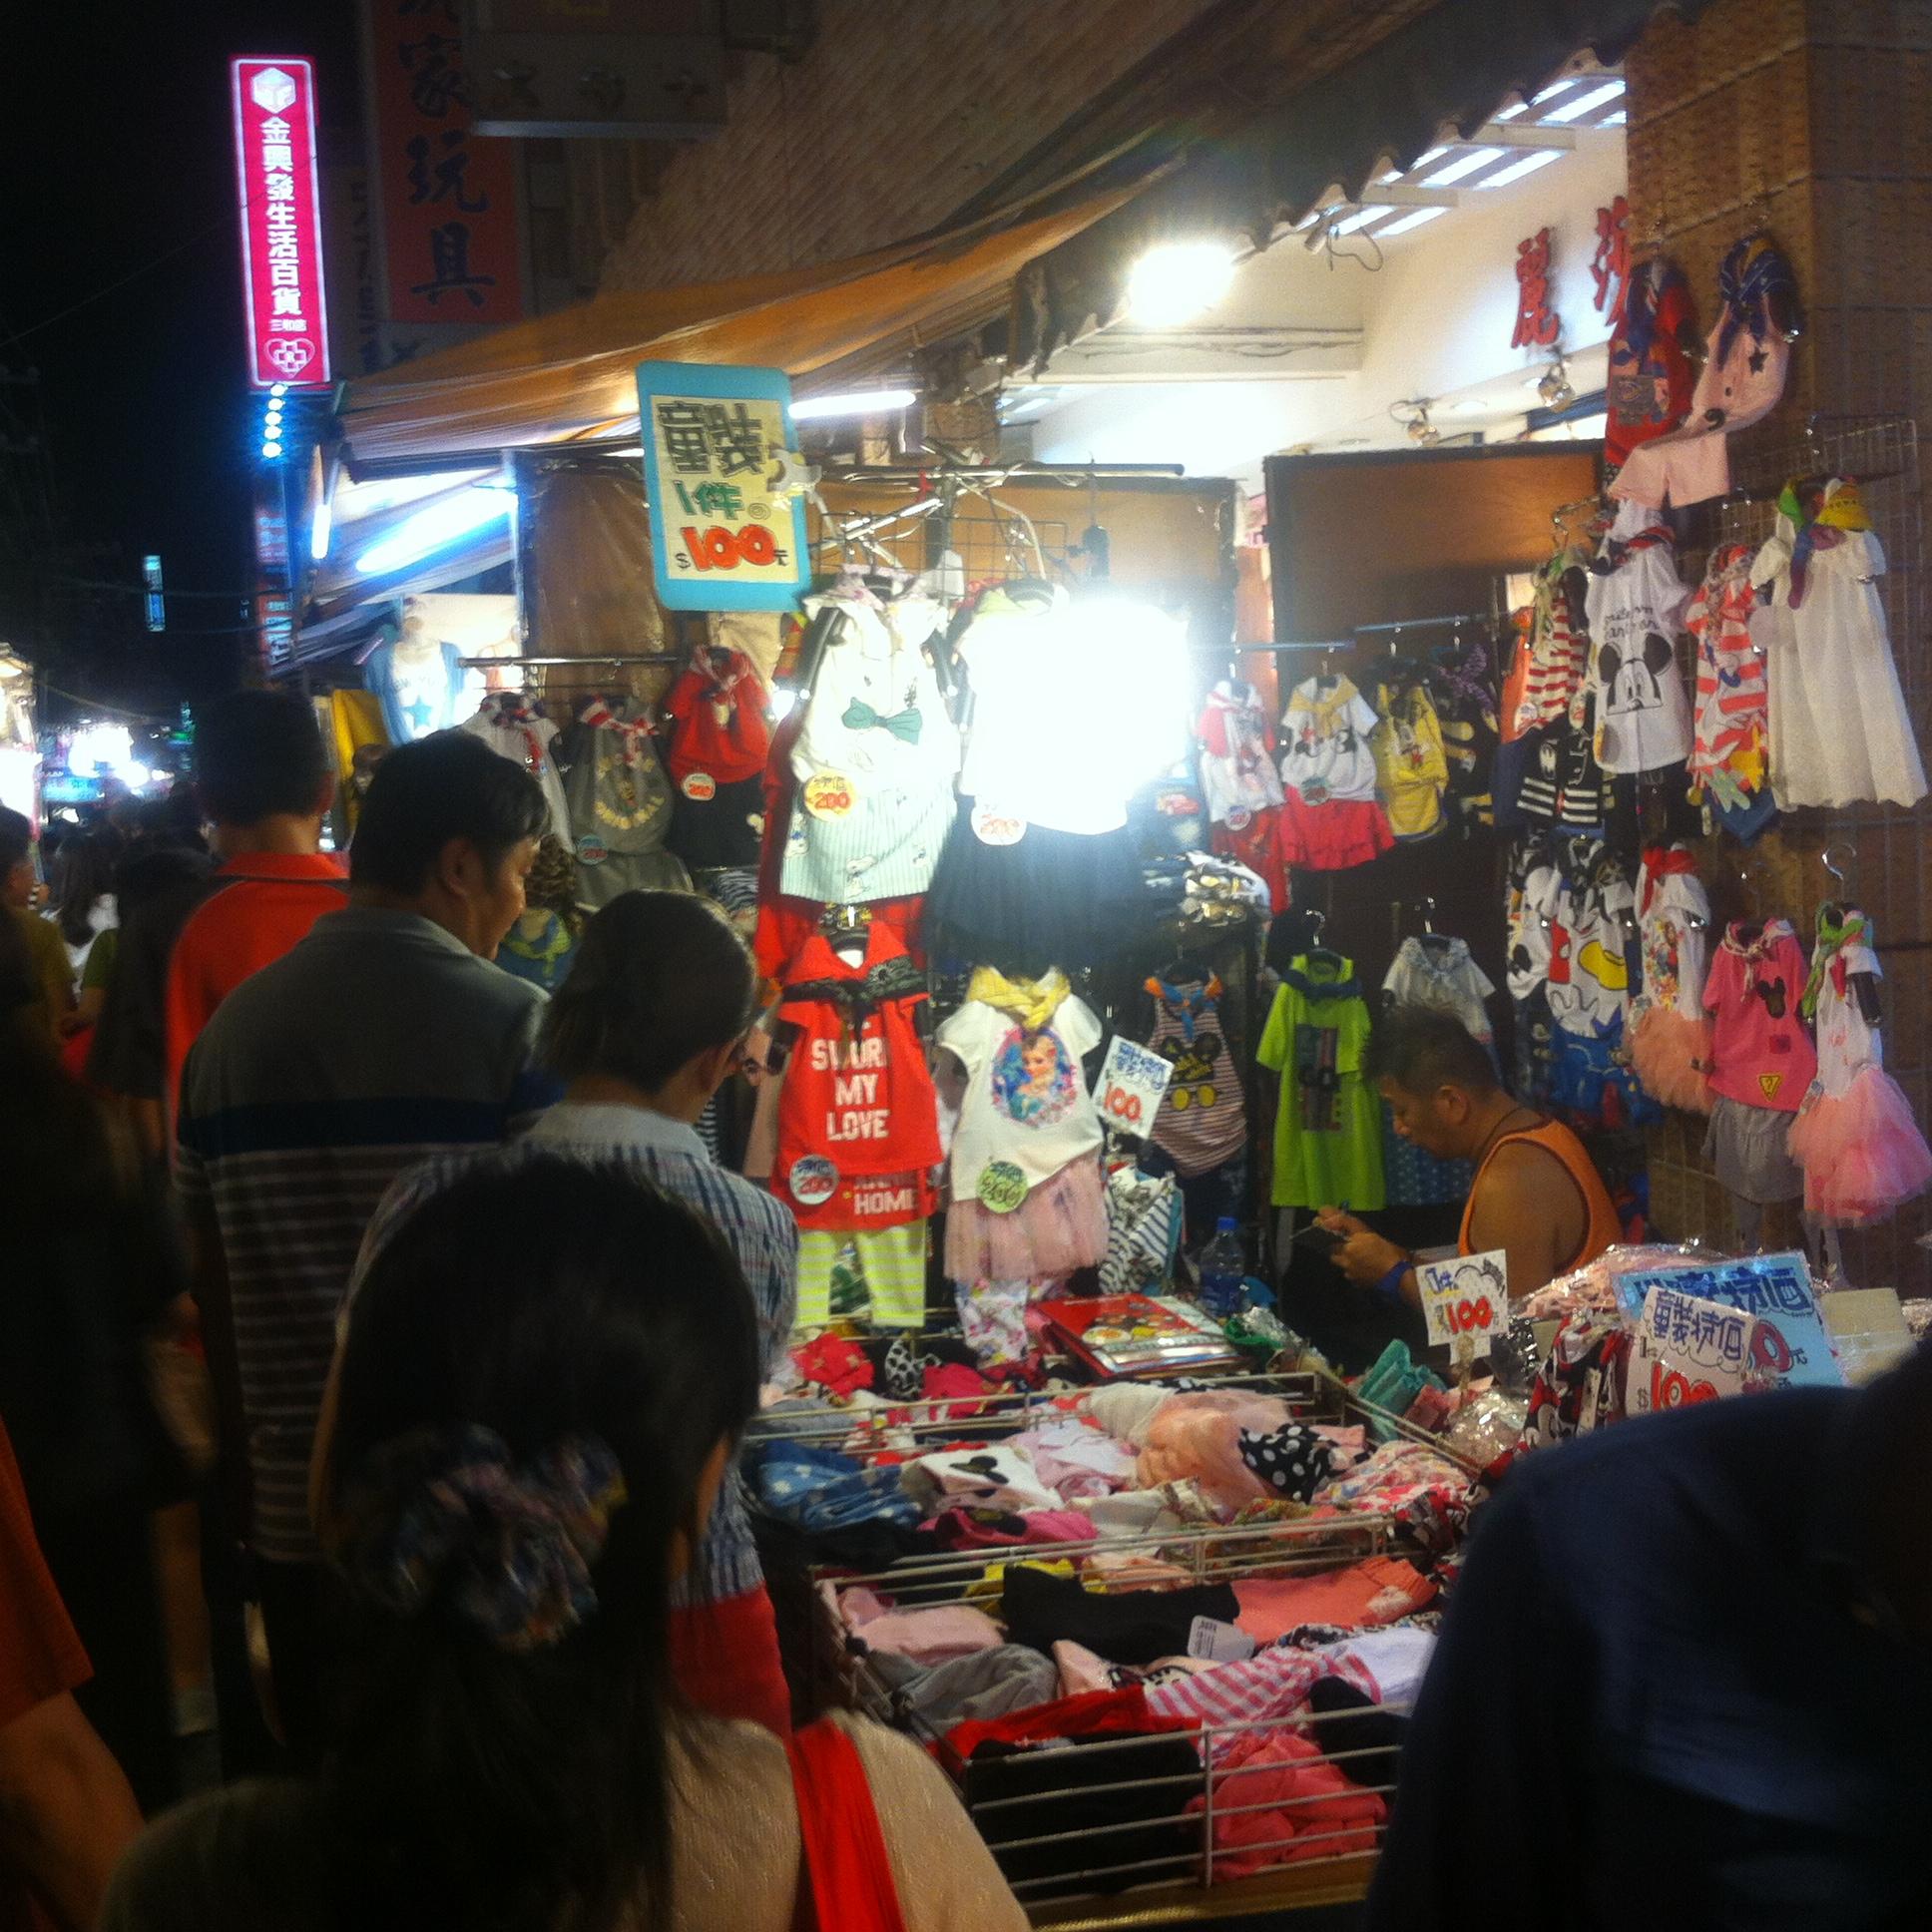 【夜市】三重の三和夜市は衣料品が五分埔より安い!